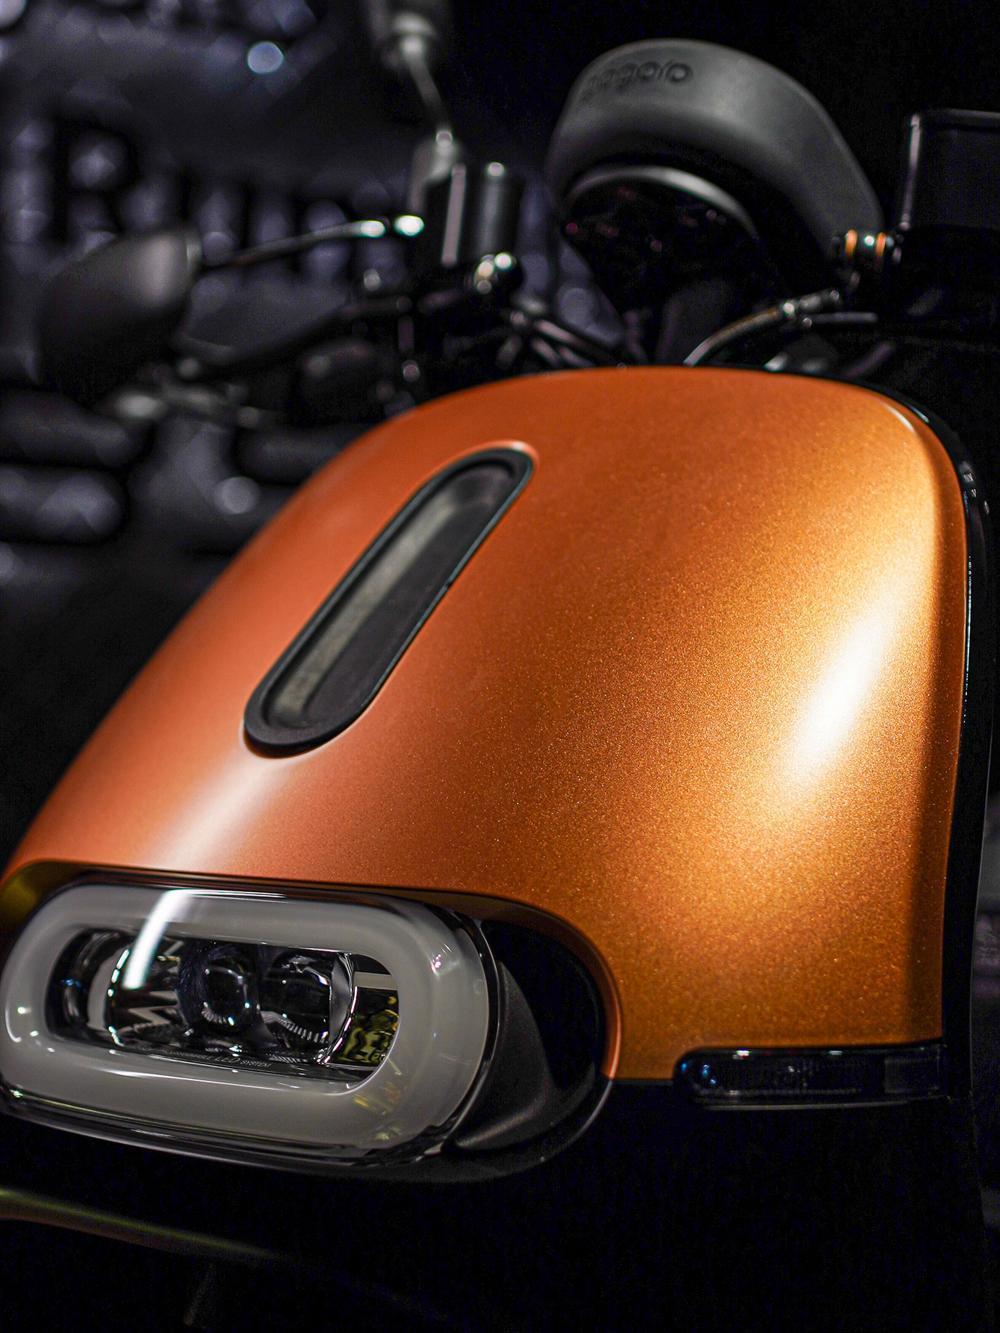 Gogoro 2 Rumbler ABS 閃霧銅的車身運用大量的消光霧黑套件,包括潮流防護手把、極簡流線後扶把等。